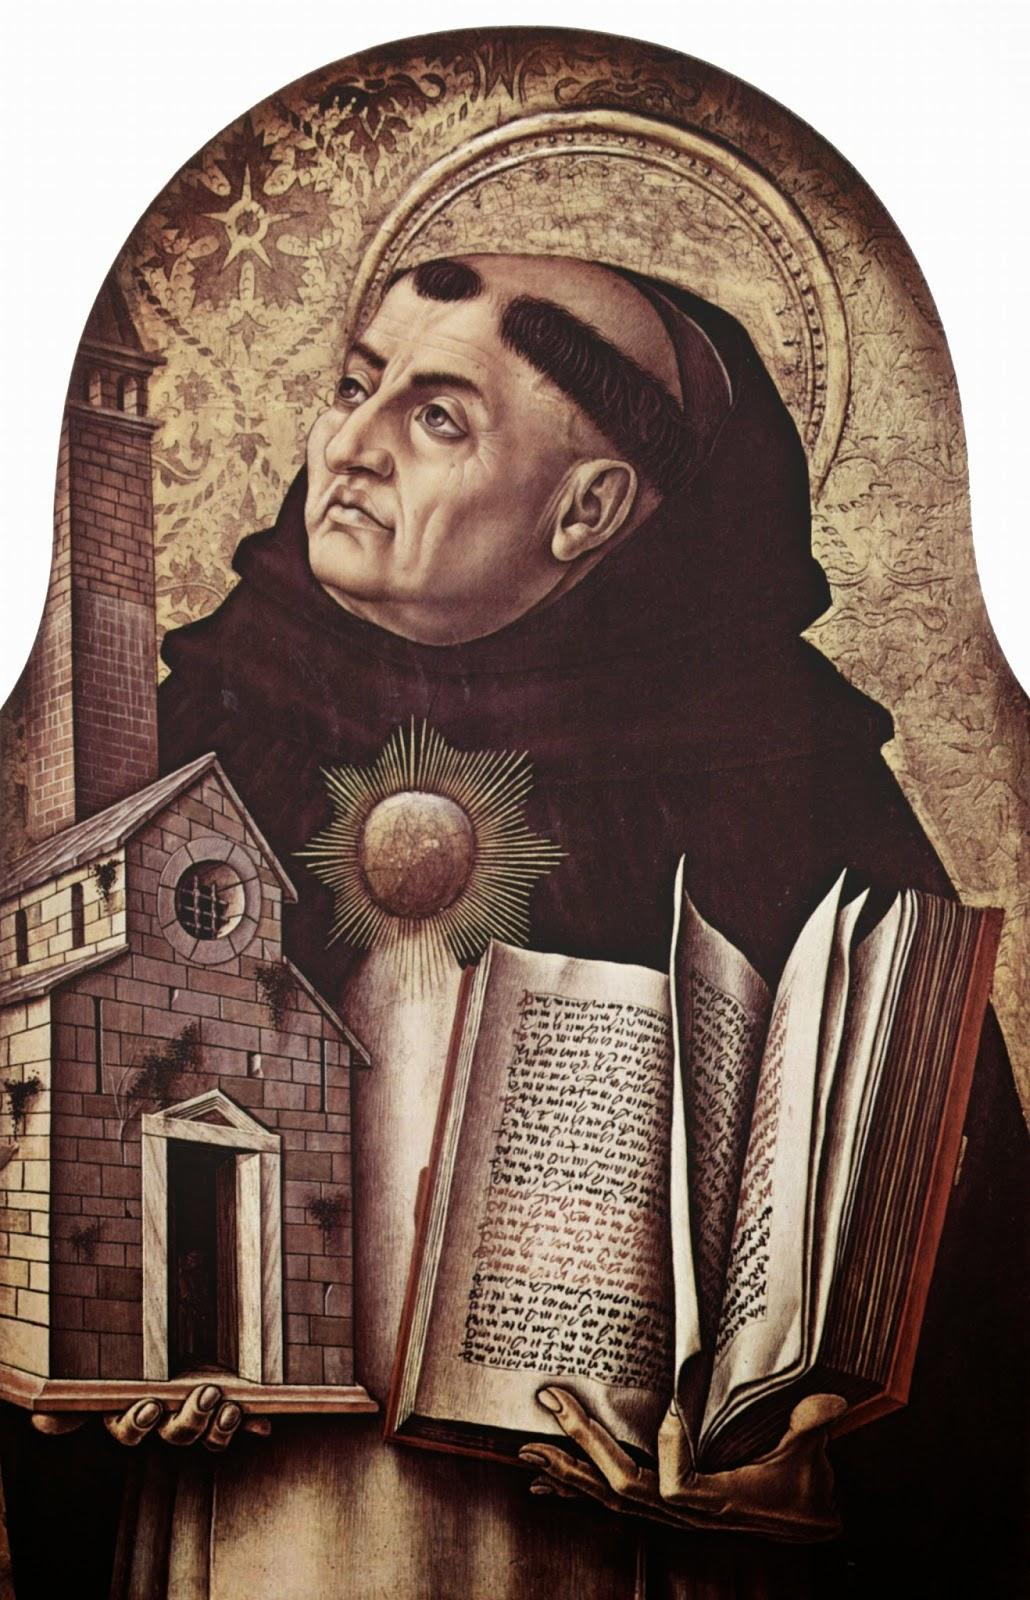 """Um estudo sobre o caráter teológico (por Grijs) e filosófico (por Aertsen) do opúsculo """"De Aeternitate Mundi"""" (Da eternidade do mundo) de Tomás de Aquino."""